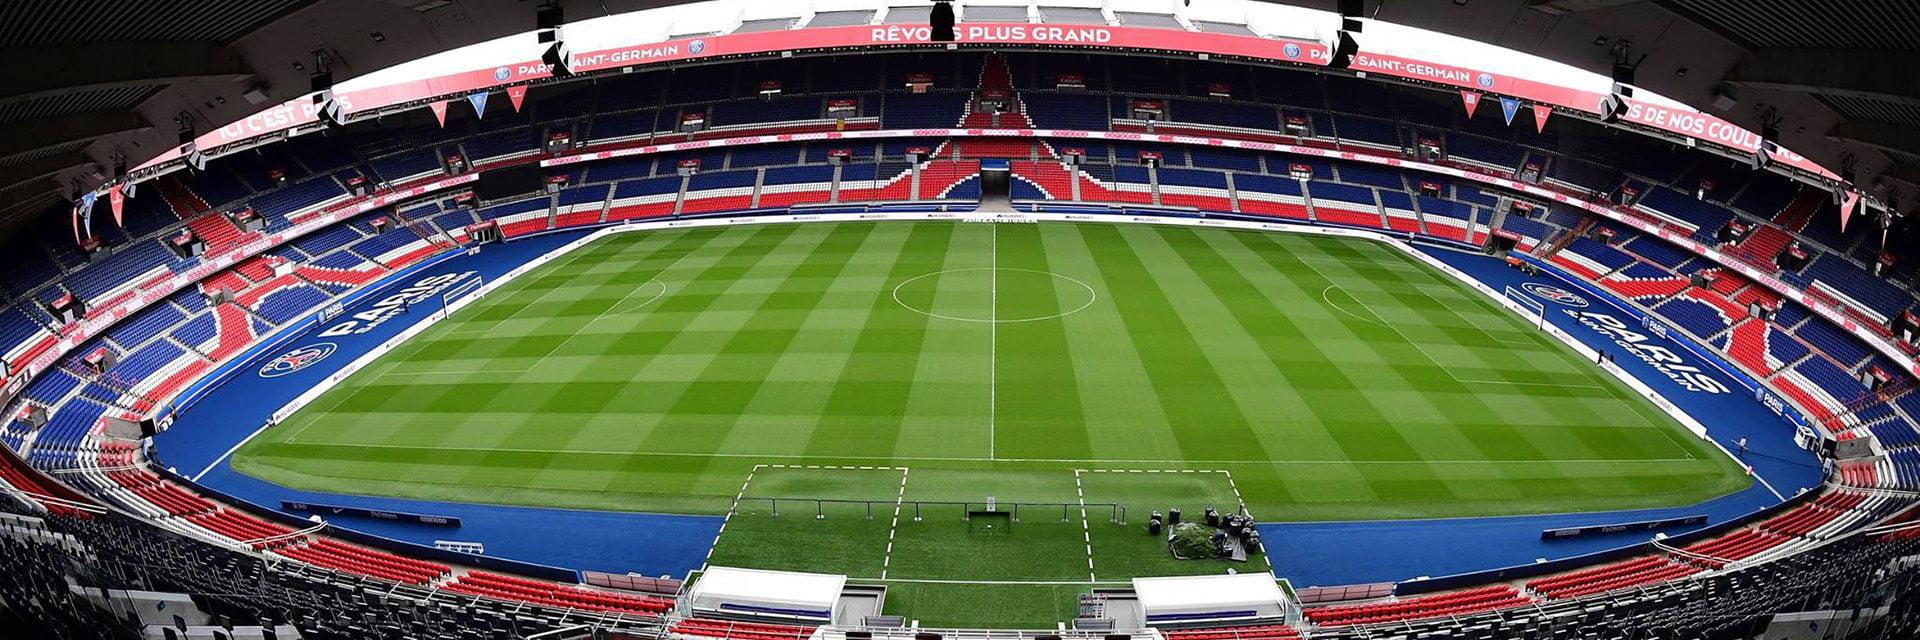 Paris Saint-Germain - Lille Olympique, 5 Octoberat 21:00